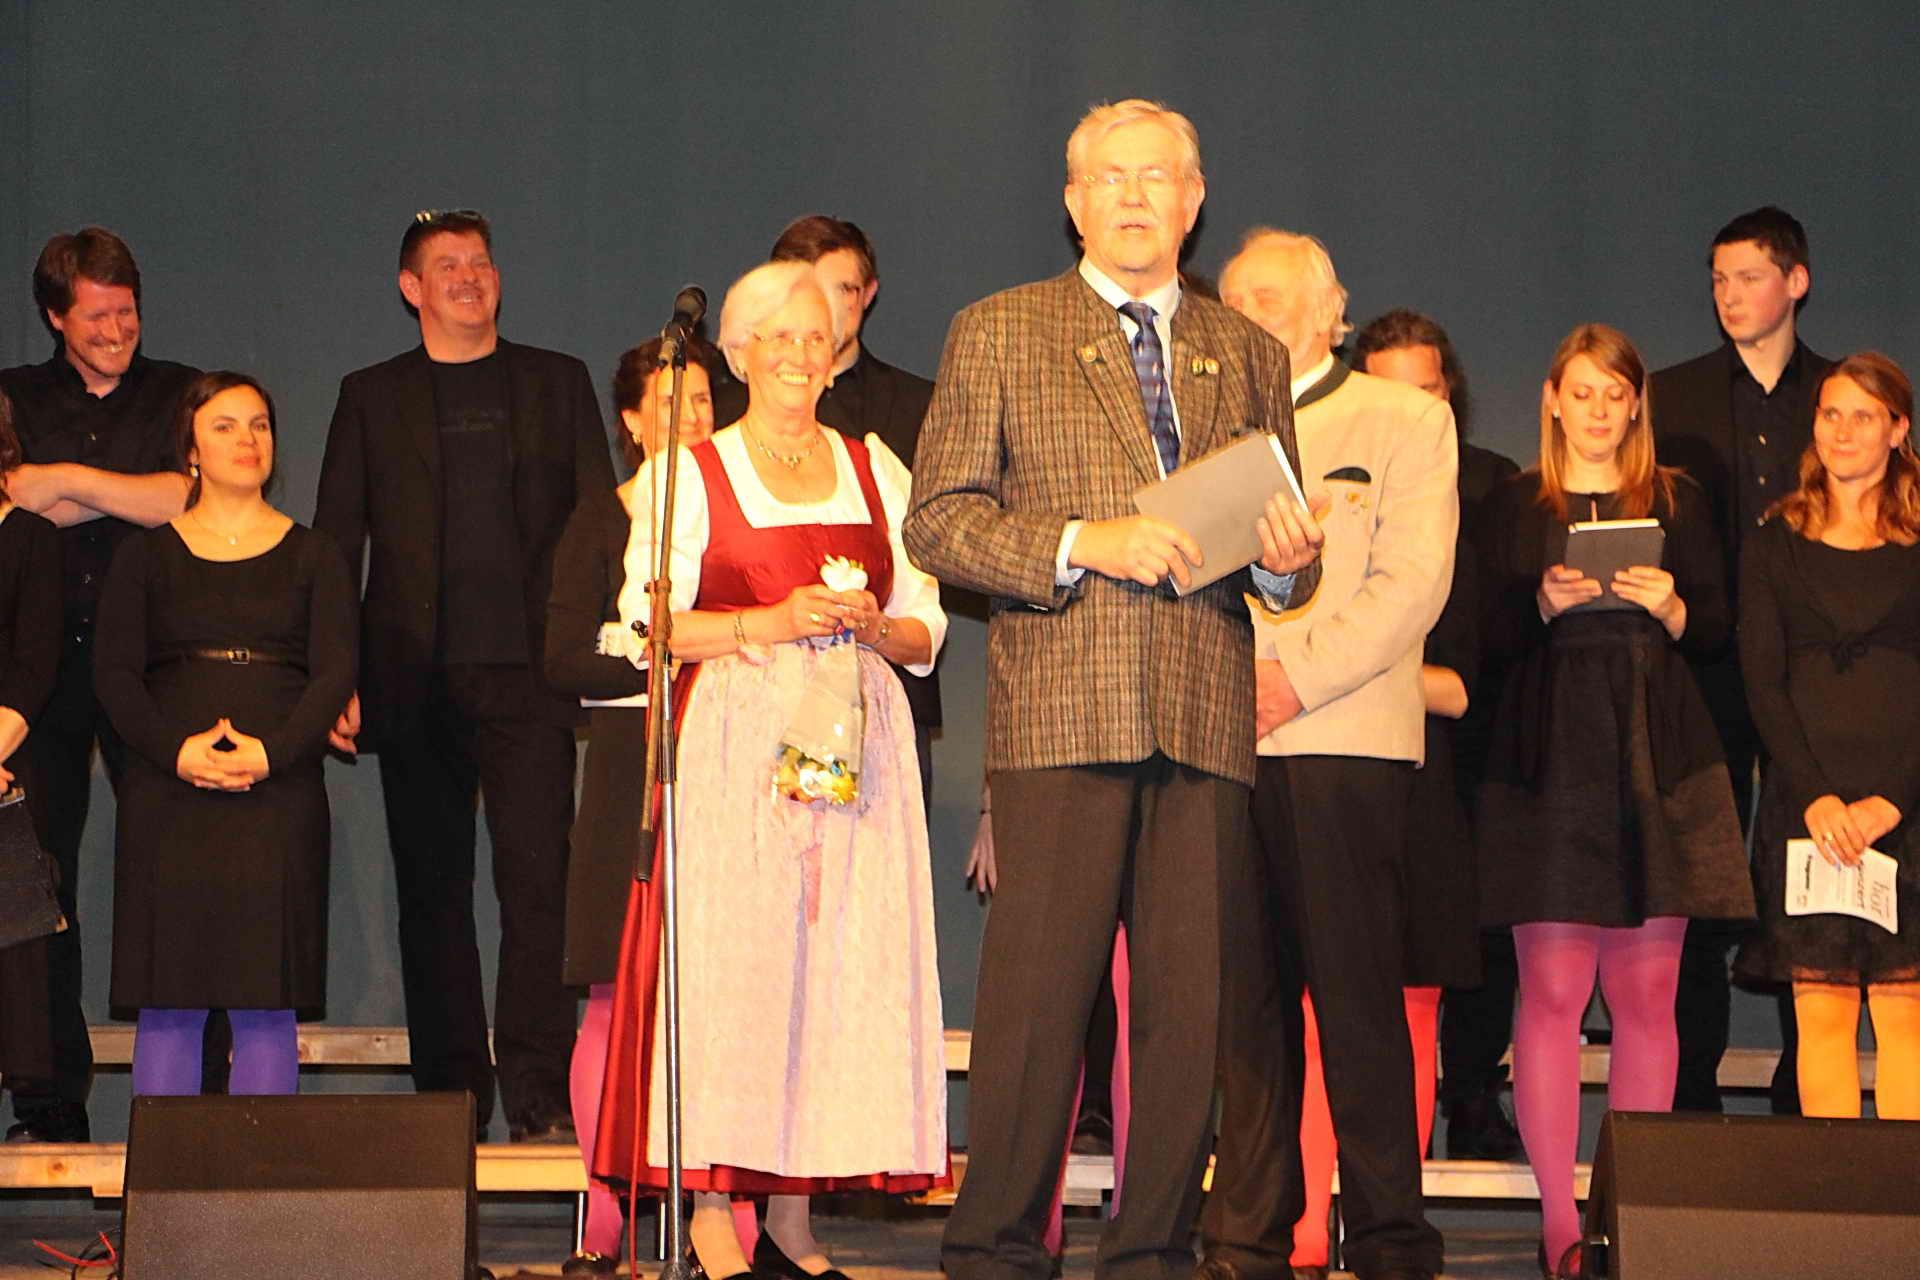 Vorstand ChorVerband Oberland (Christl Kamseder, Karl B. Kögl, Rudi Sommer)